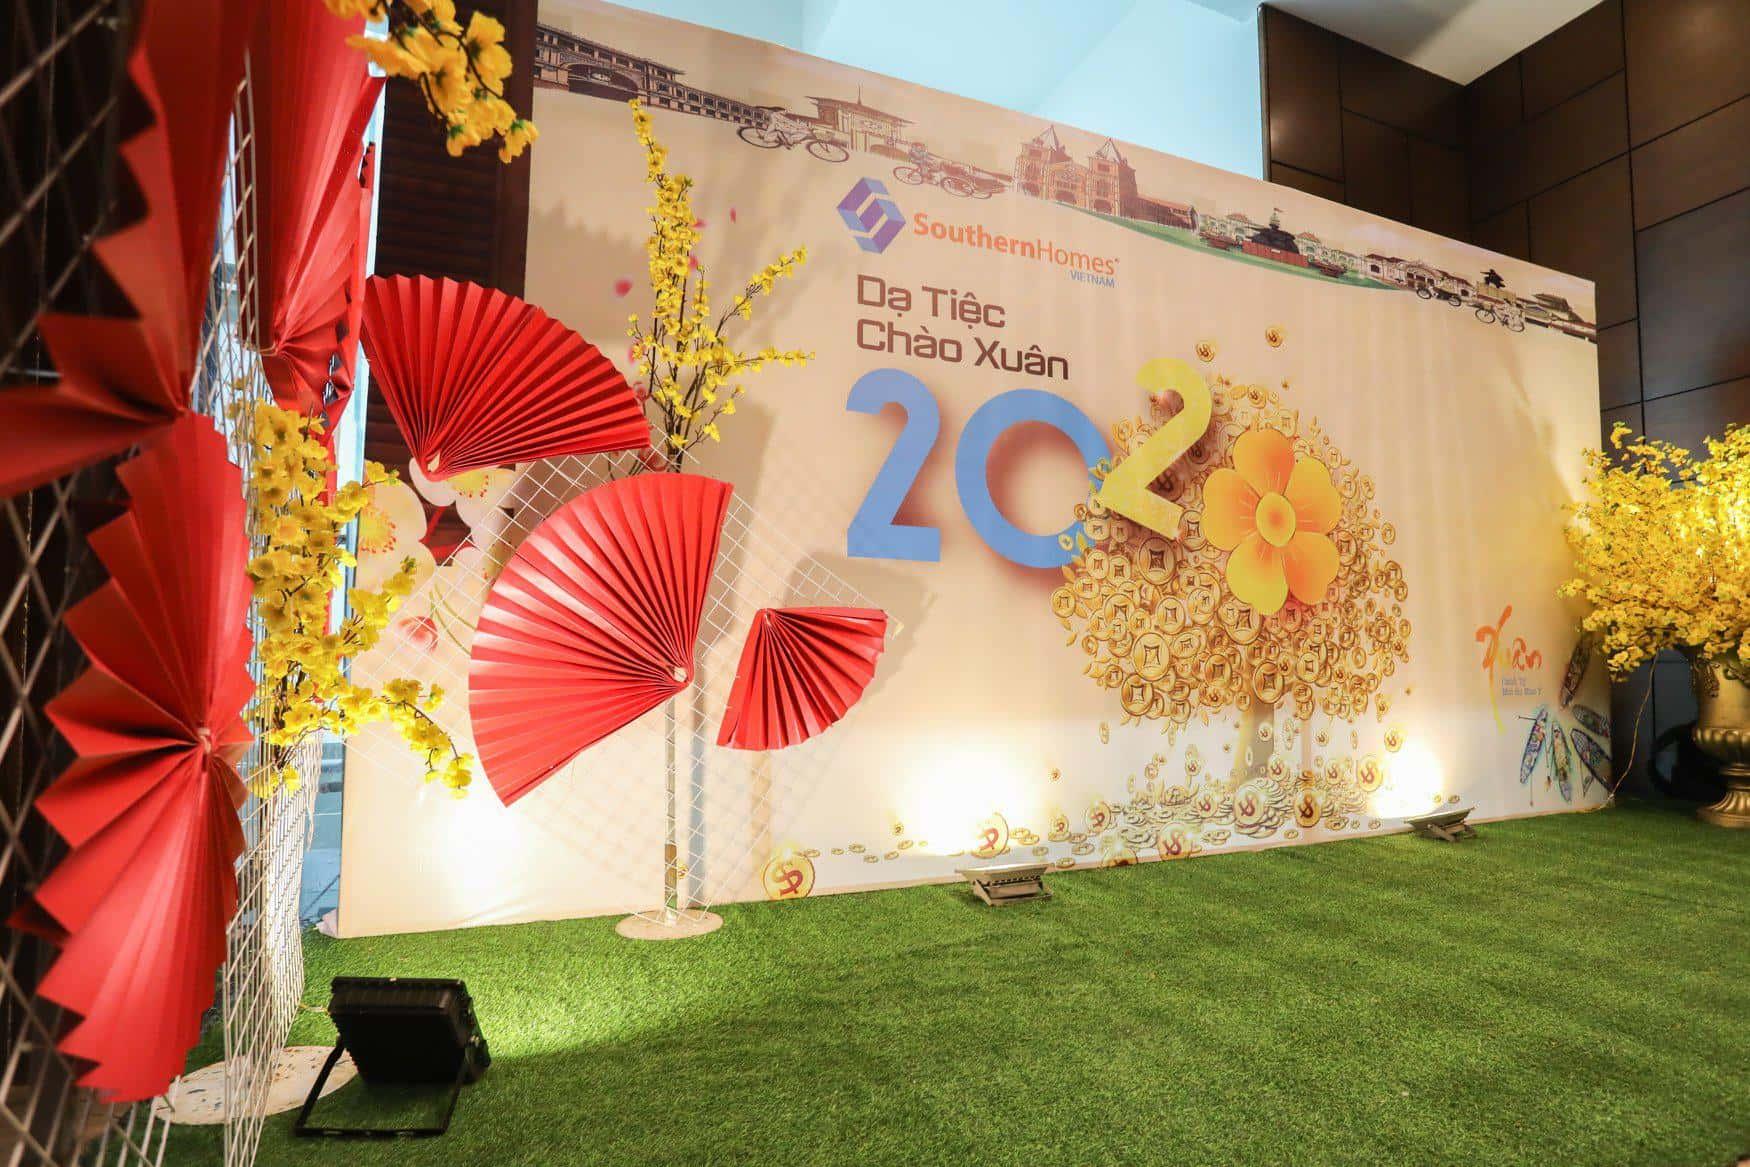 DẠ TIỆC CHÀO XUÂN 2020 - Southernhomes Việt Nam